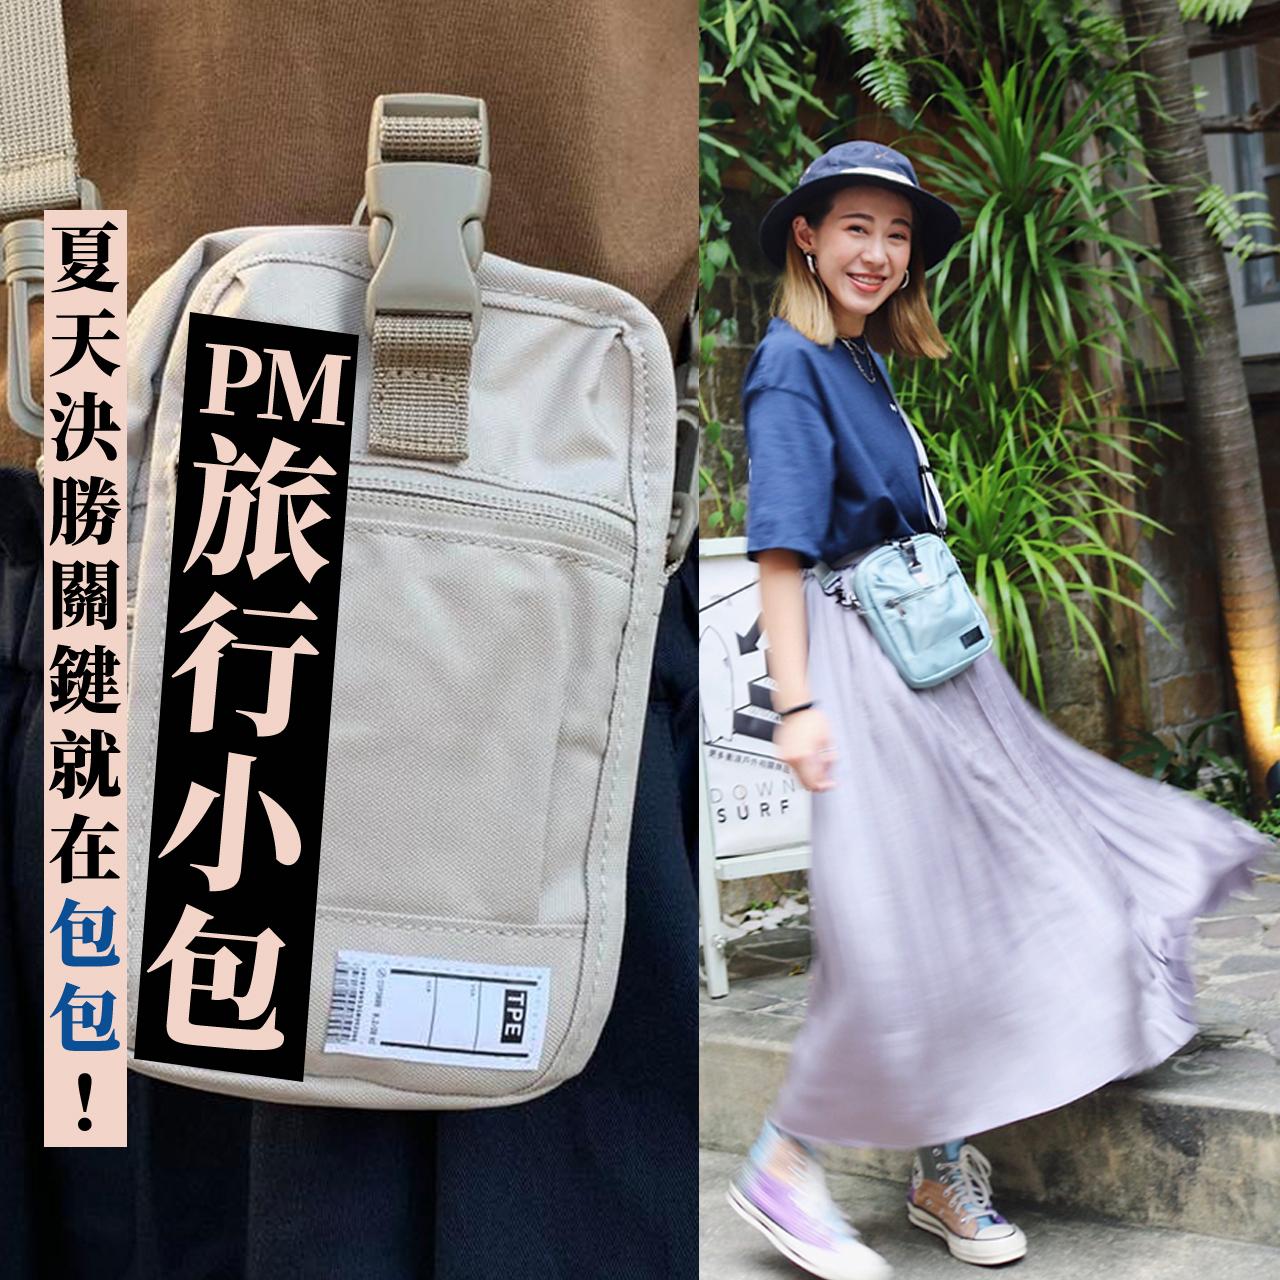 隨身行李,護照包包,登機包包,旅行小包,隨身小包,旅行小包 穿搭,小包 穿搭